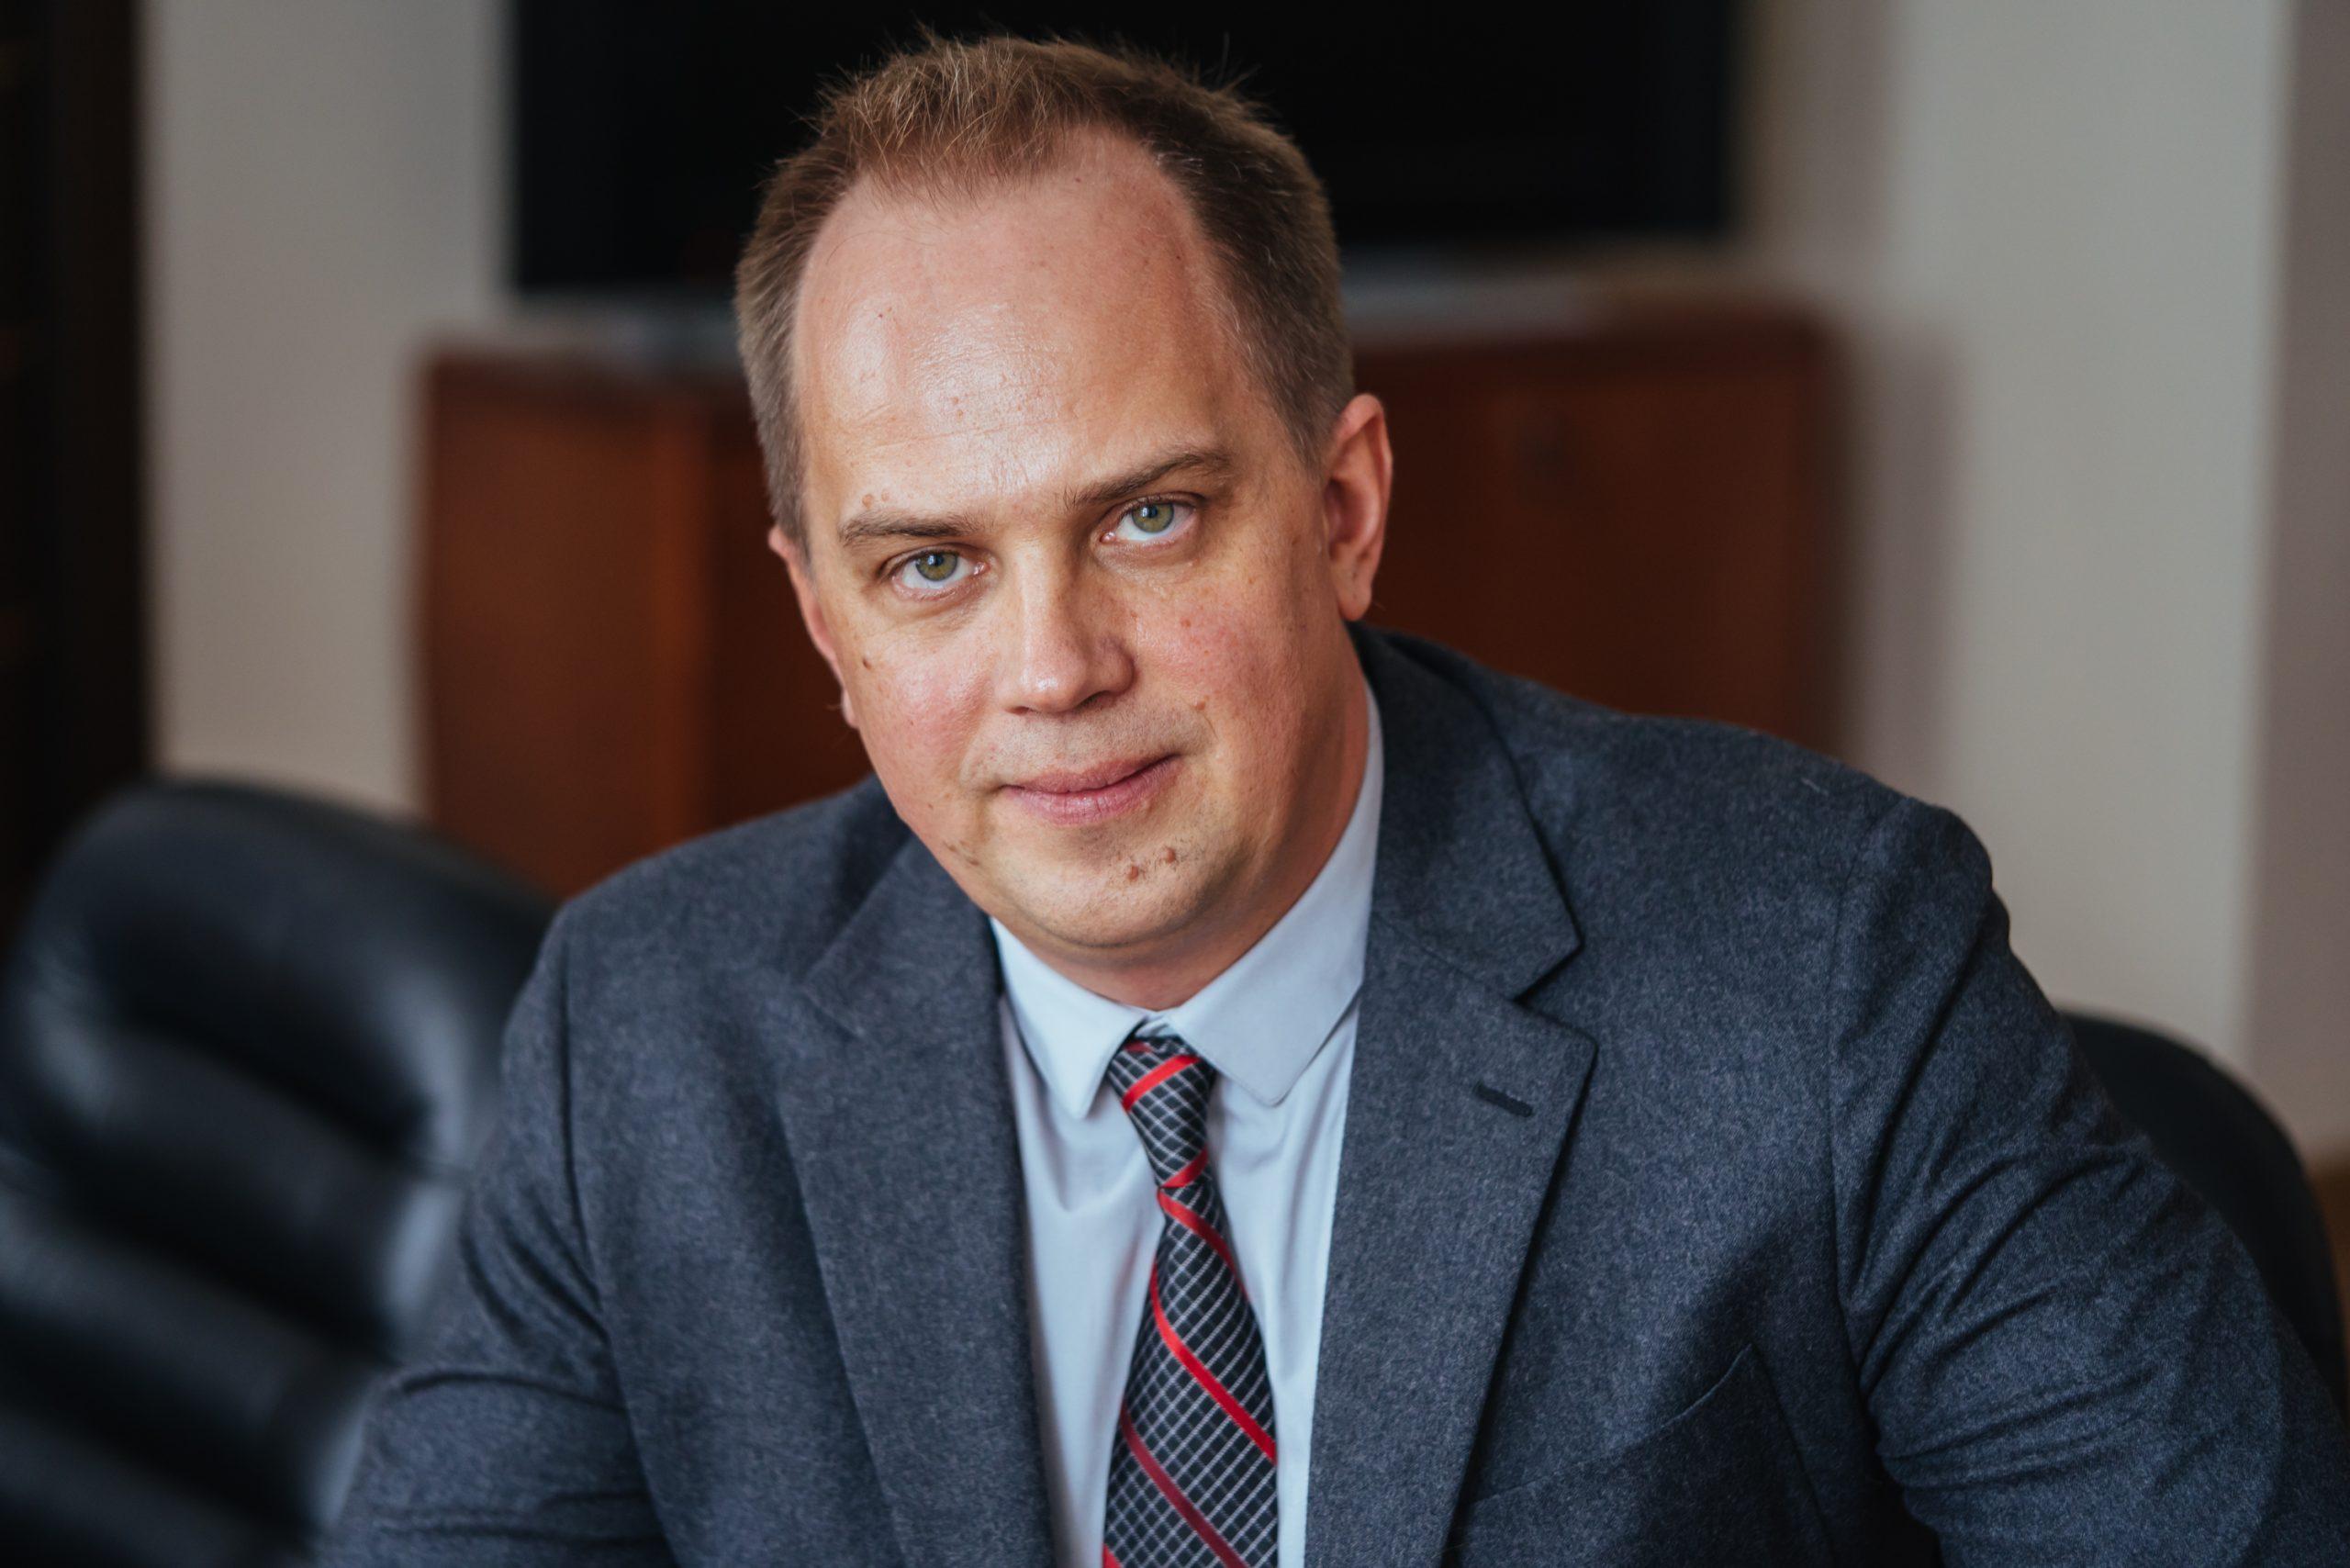 МЕСТО ПОД СОЛНЦЕМ: Сергей Евтушенко из UDP Renewables о светлом будущем Украины. Об очень светлом